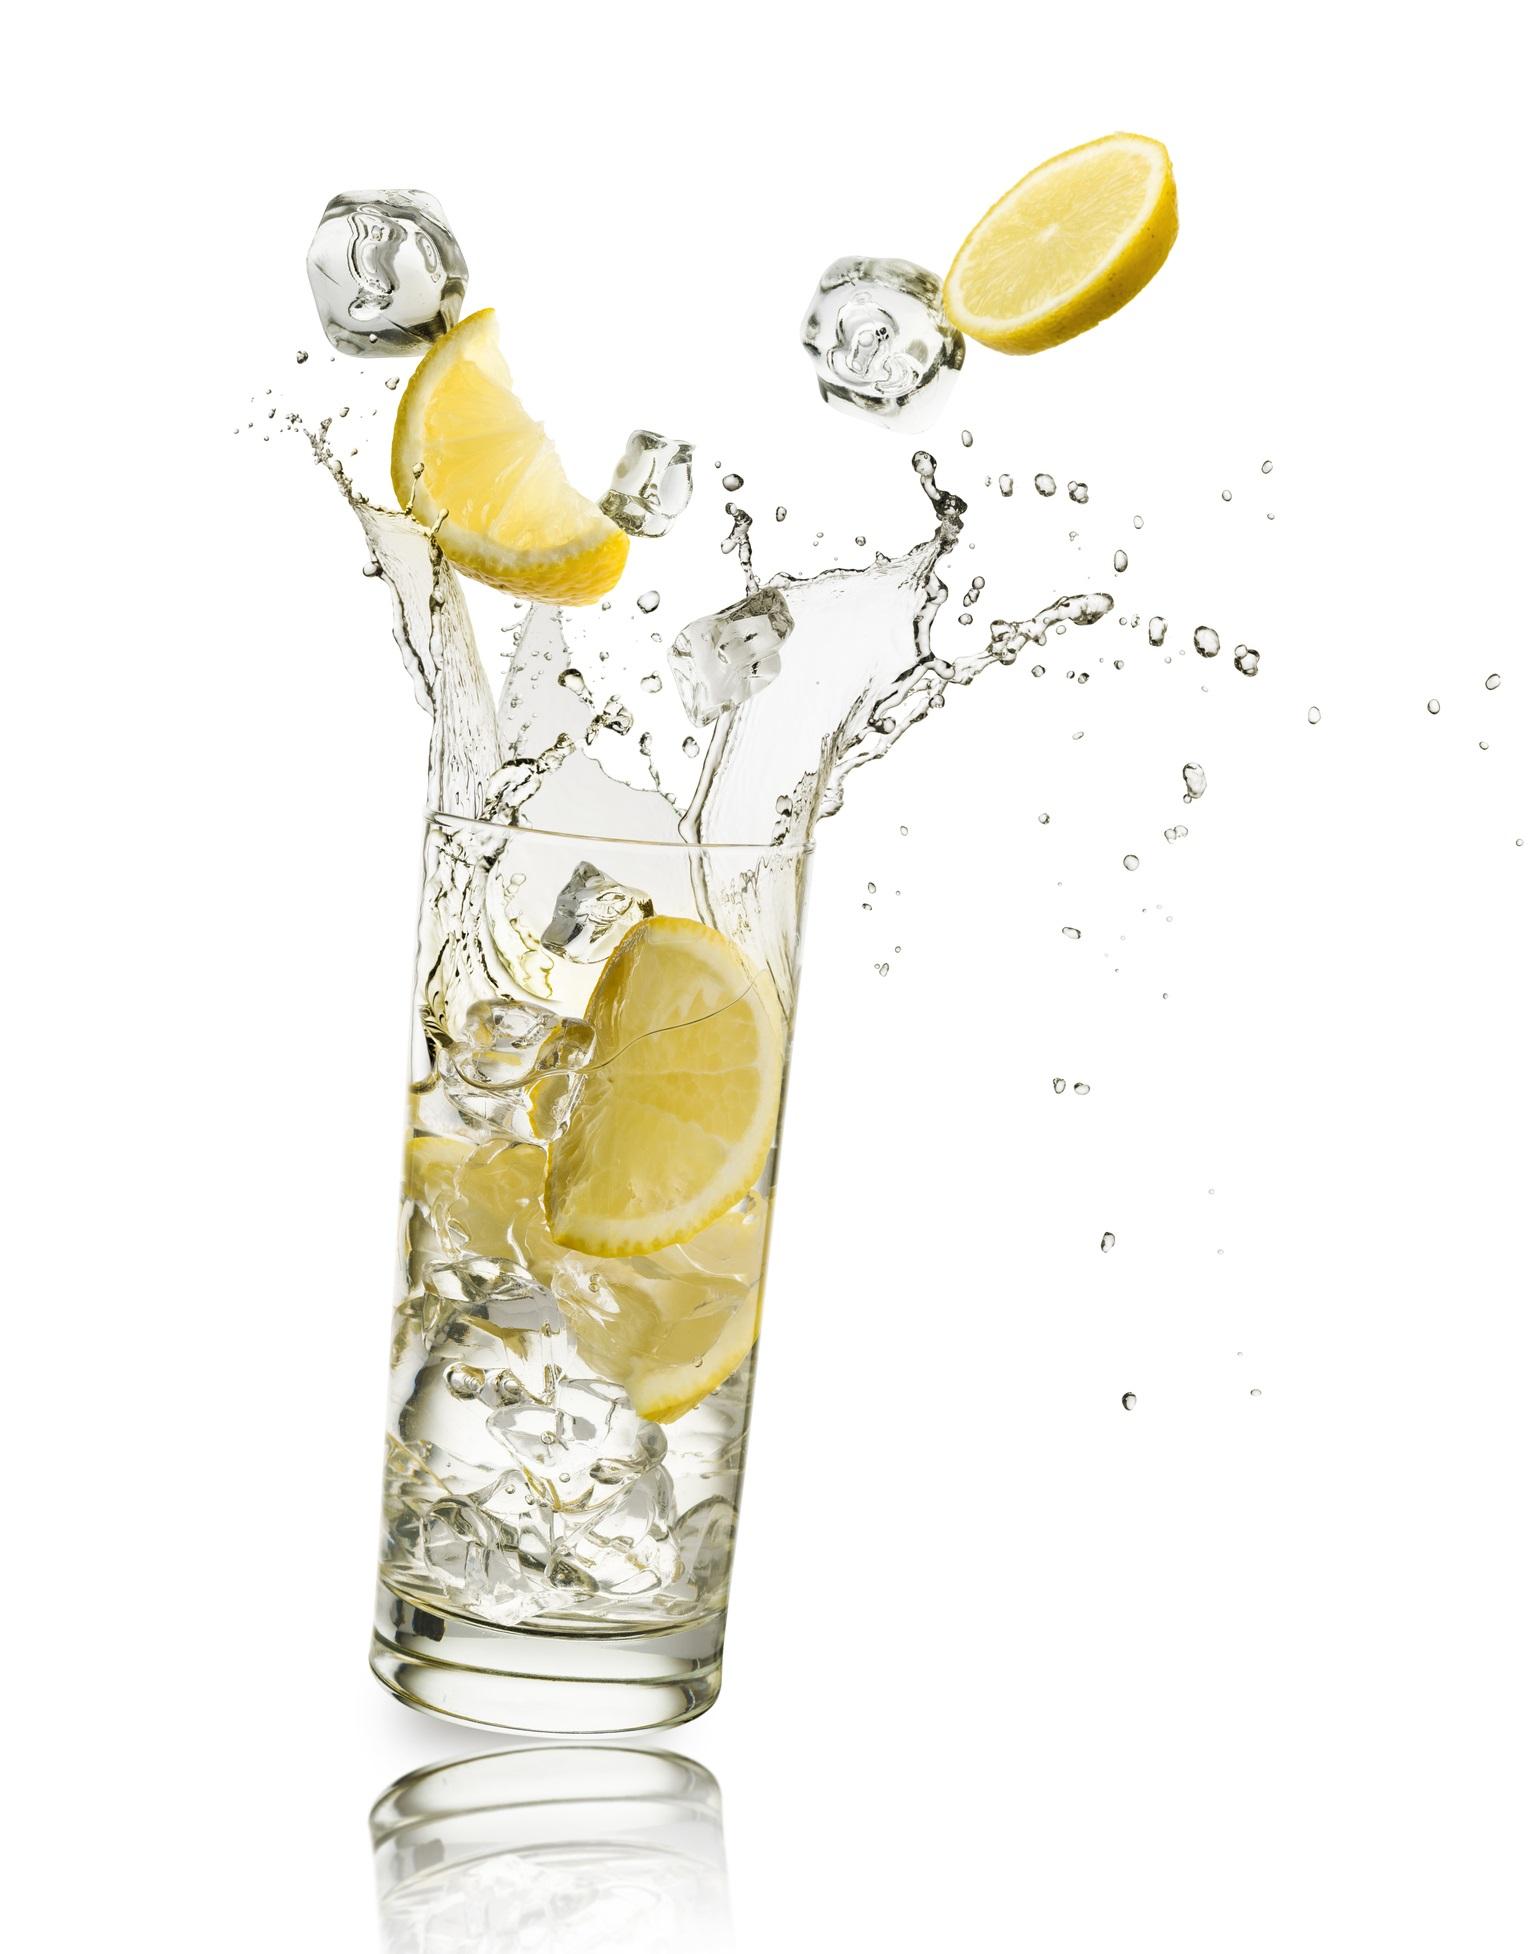 Изпийте чаша вода с лимон<br /> <br /> Ако сте дехидратирани, може да чувствате глад, когато просто сте жадни. Преди да грабнете пакетче чипс или кутия с бисквити, изпийте чаша студена вода, за да видите дали гладът няма да отмине. Ако добавите лимон към нея, ще приемете хранителни вещества и фибри и ще притъпите чувството на глад.